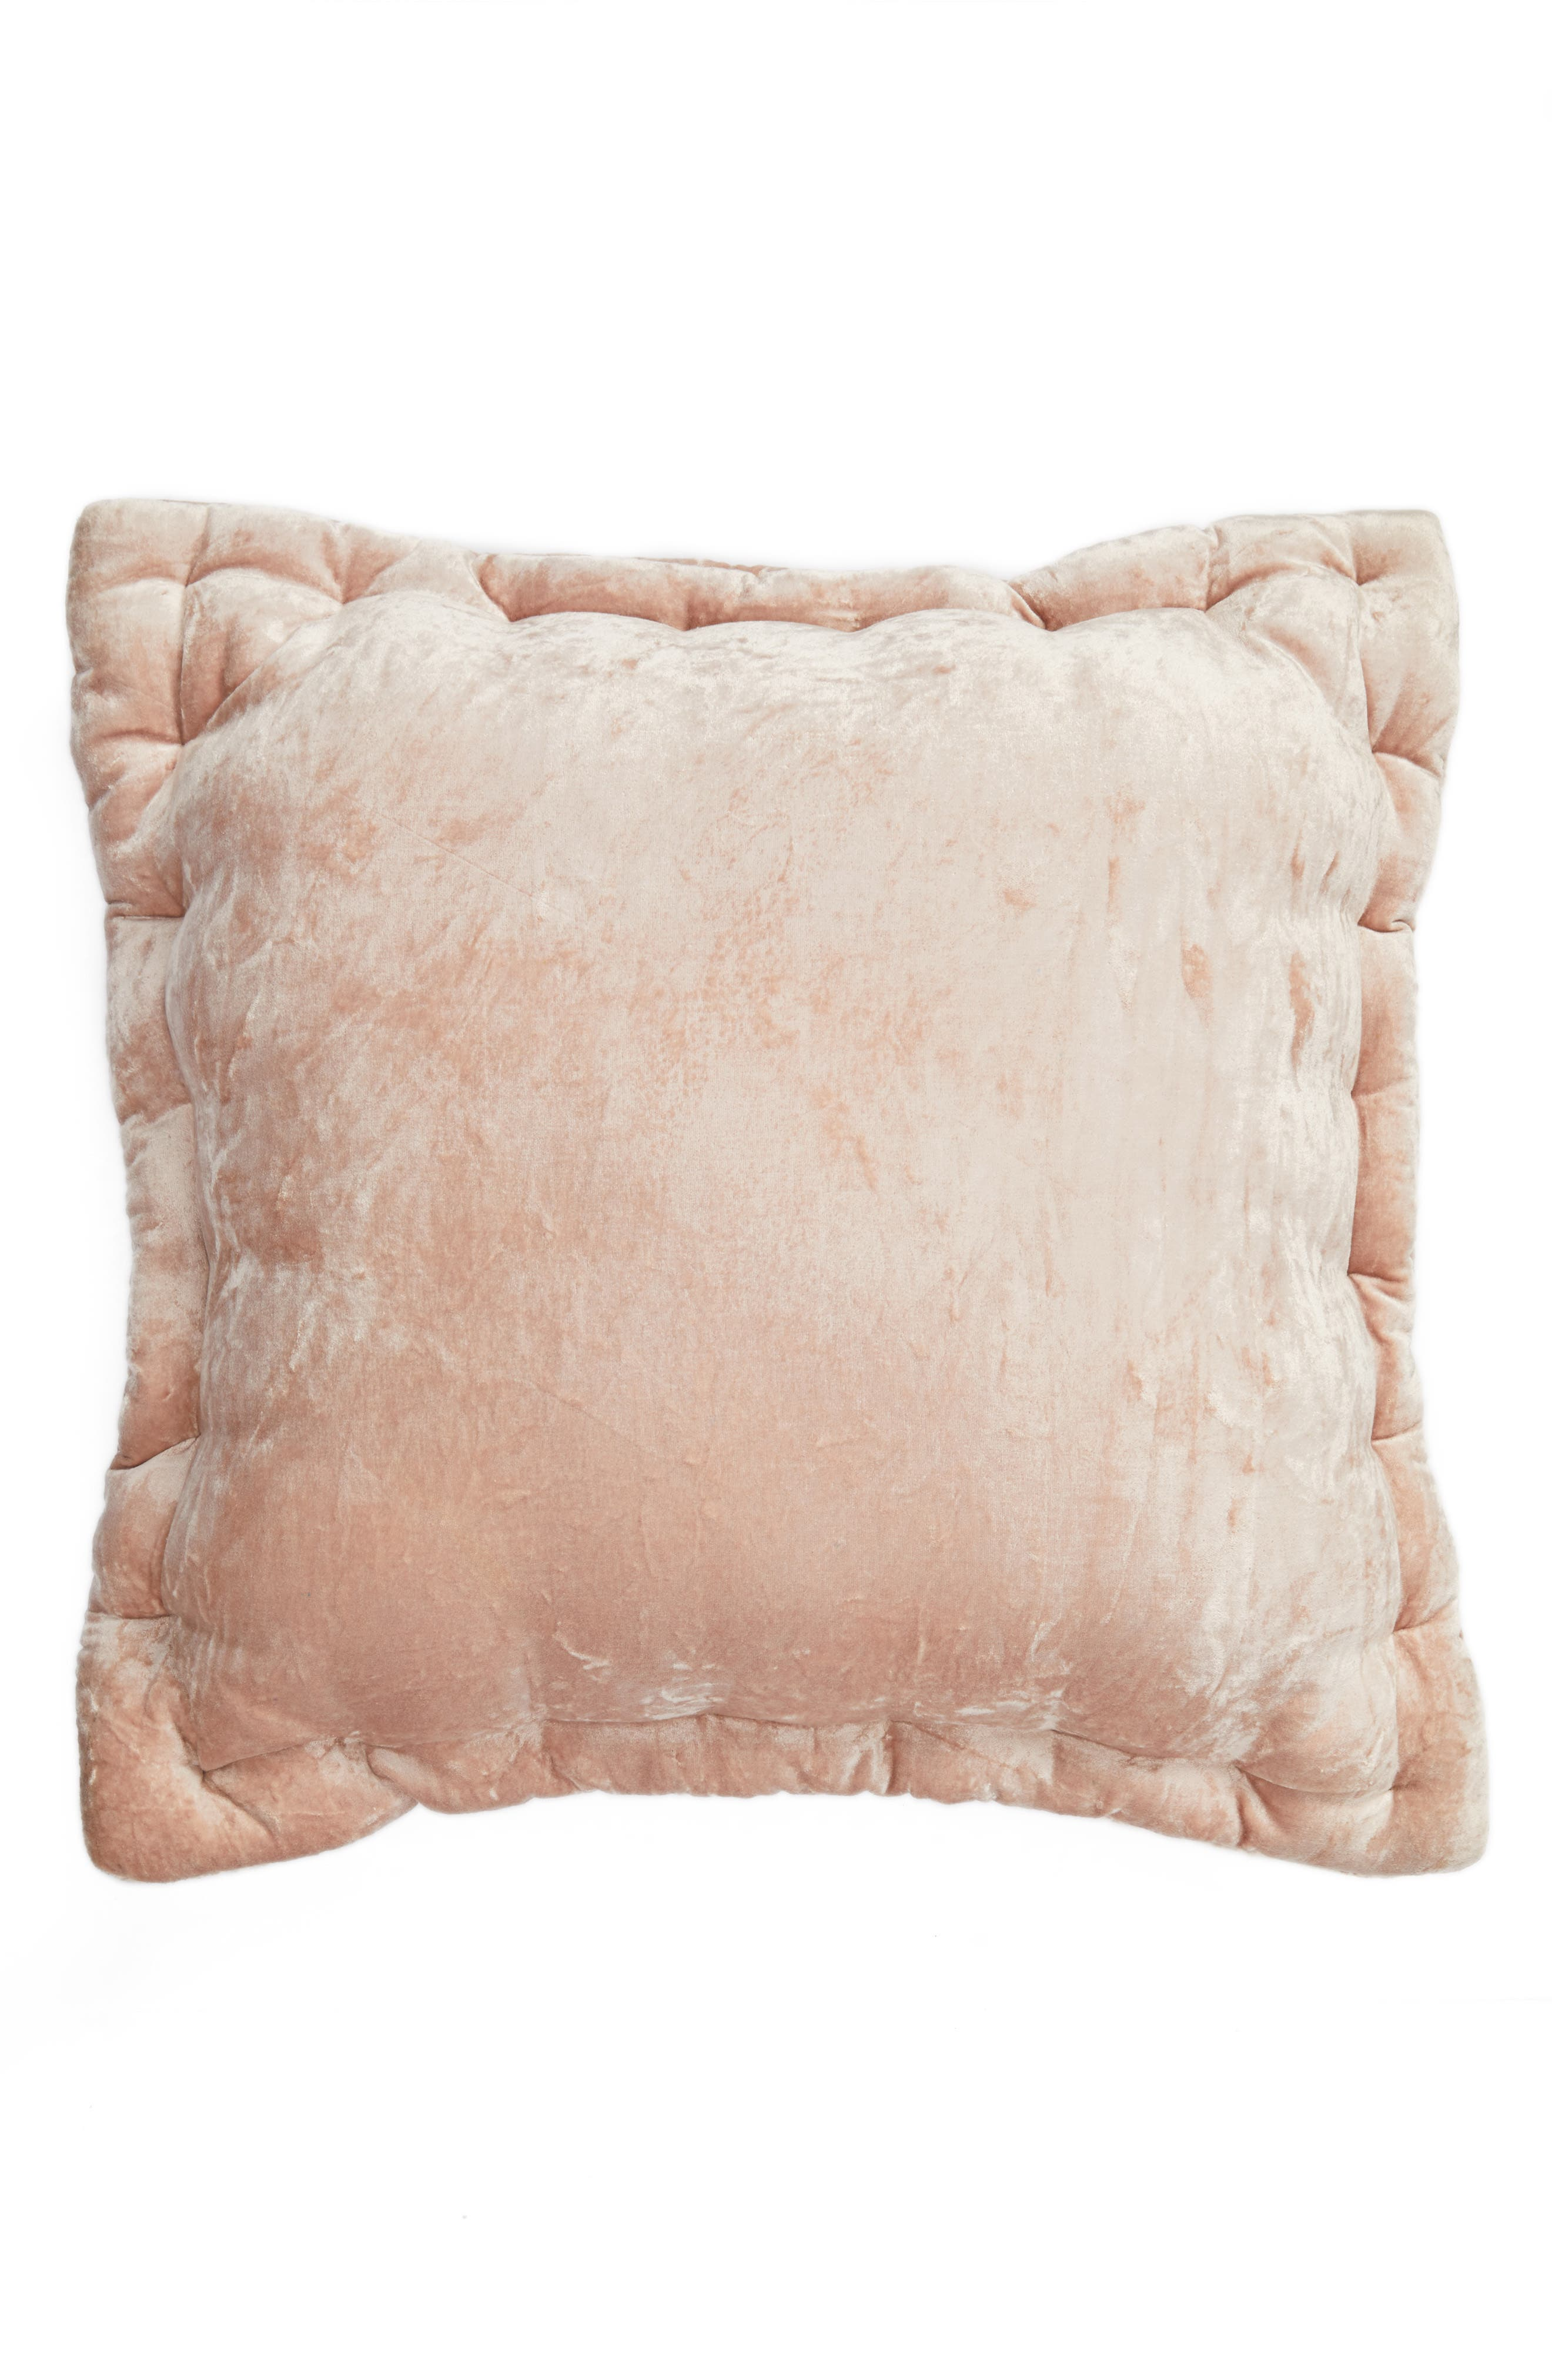 Velvet Accent Pillow,                             Main thumbnail 2, color,